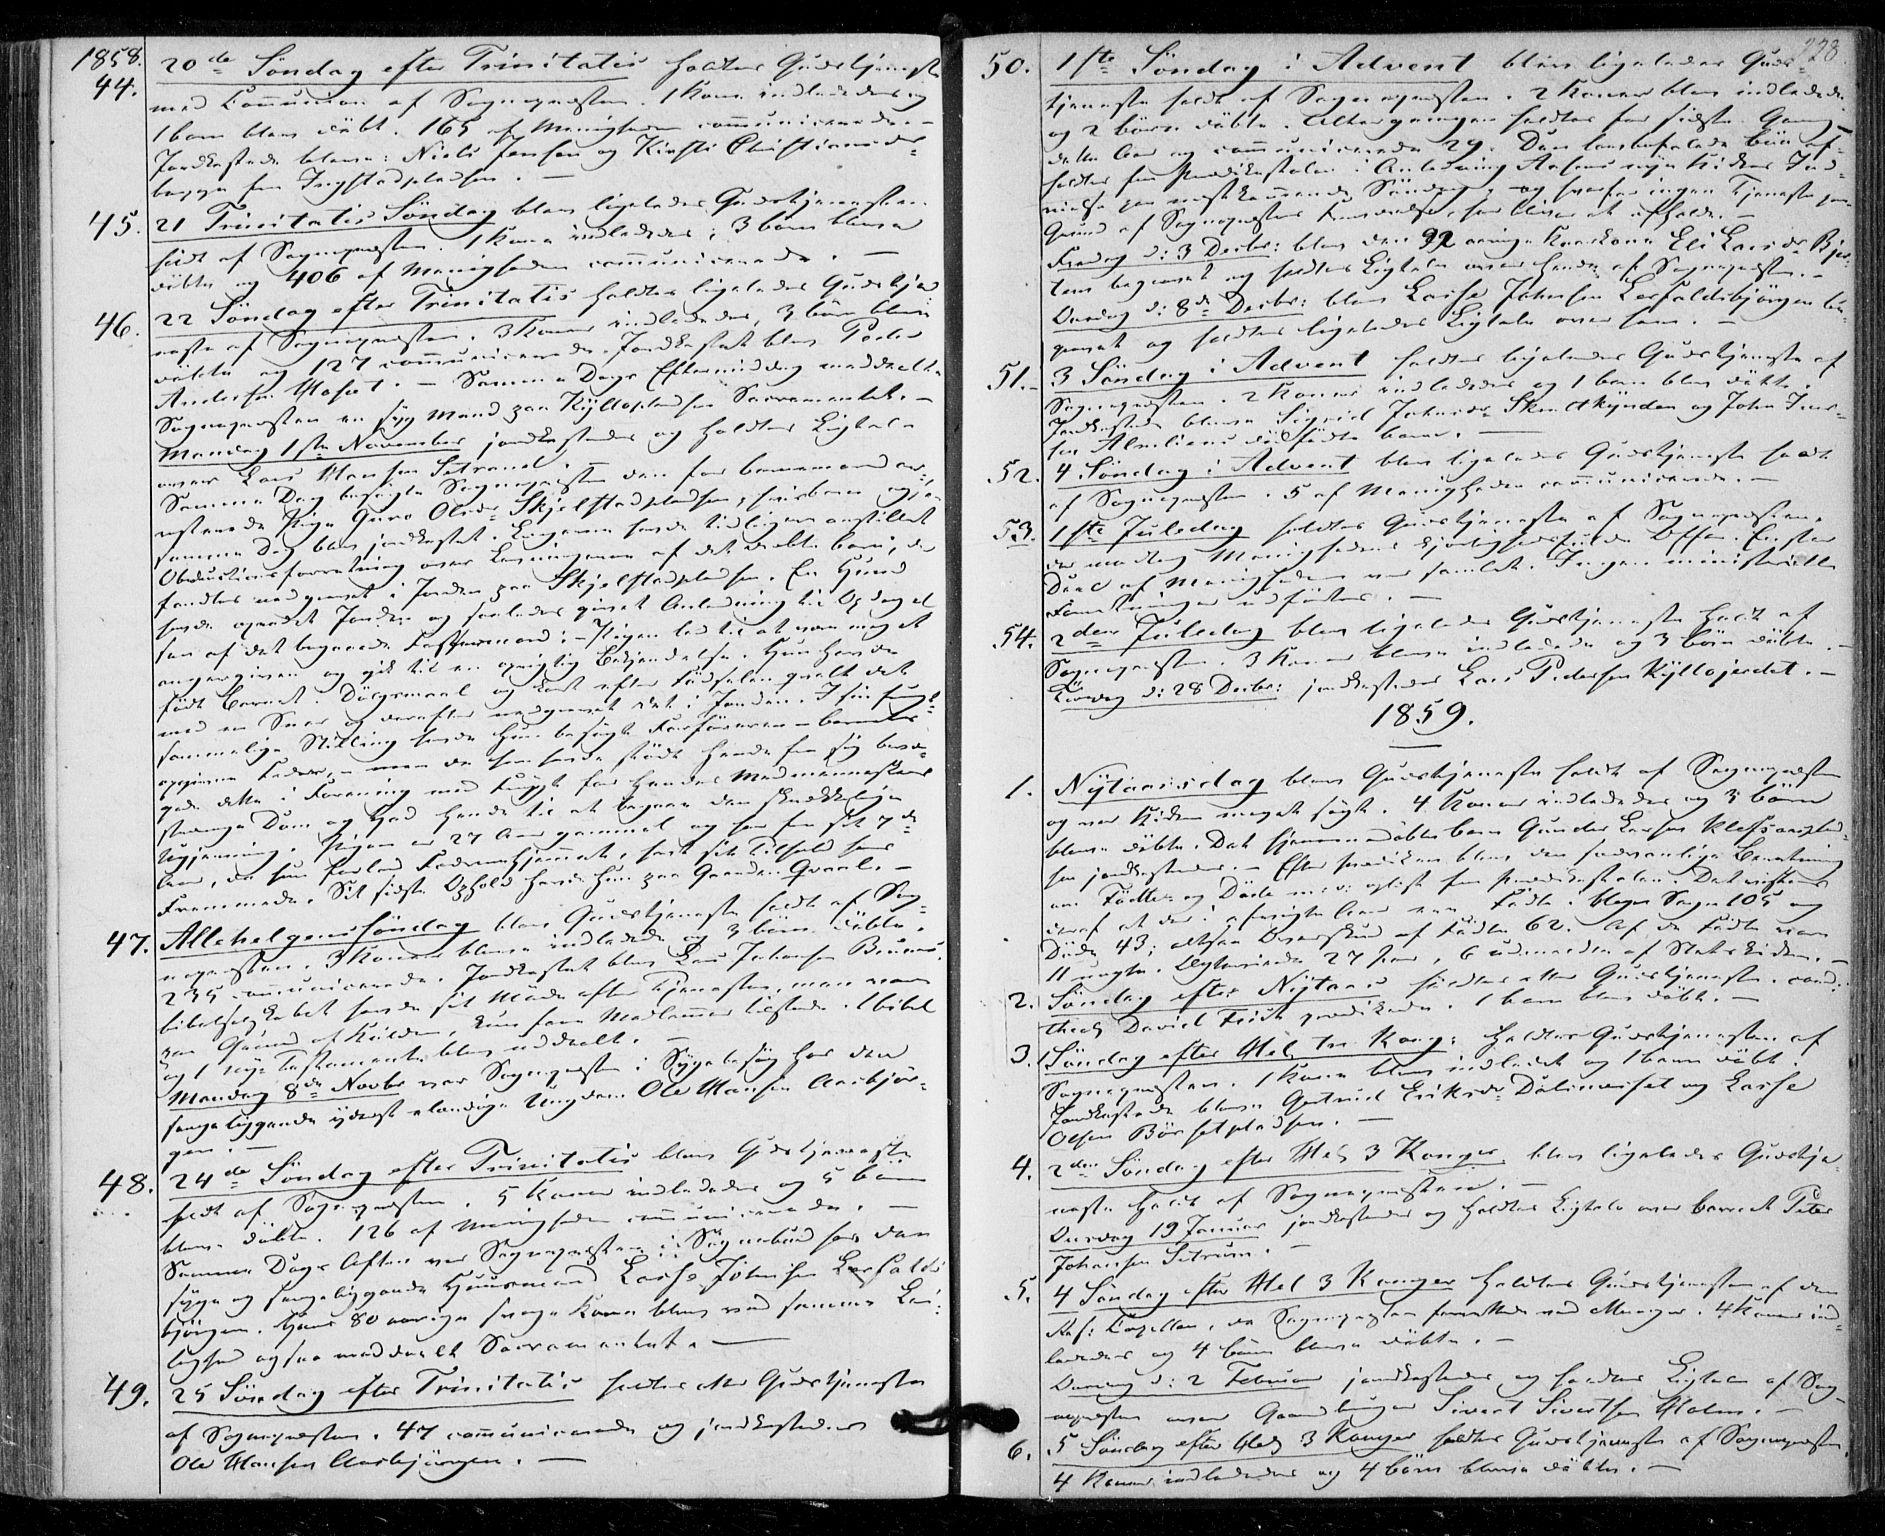 SAT, Ministerialprotokoller, klokkerbøker og fødselsregistre - Nord-Trøndelag, 703/L0028: Ministerialbok nr. 703A01, 1850-1862, s. 228